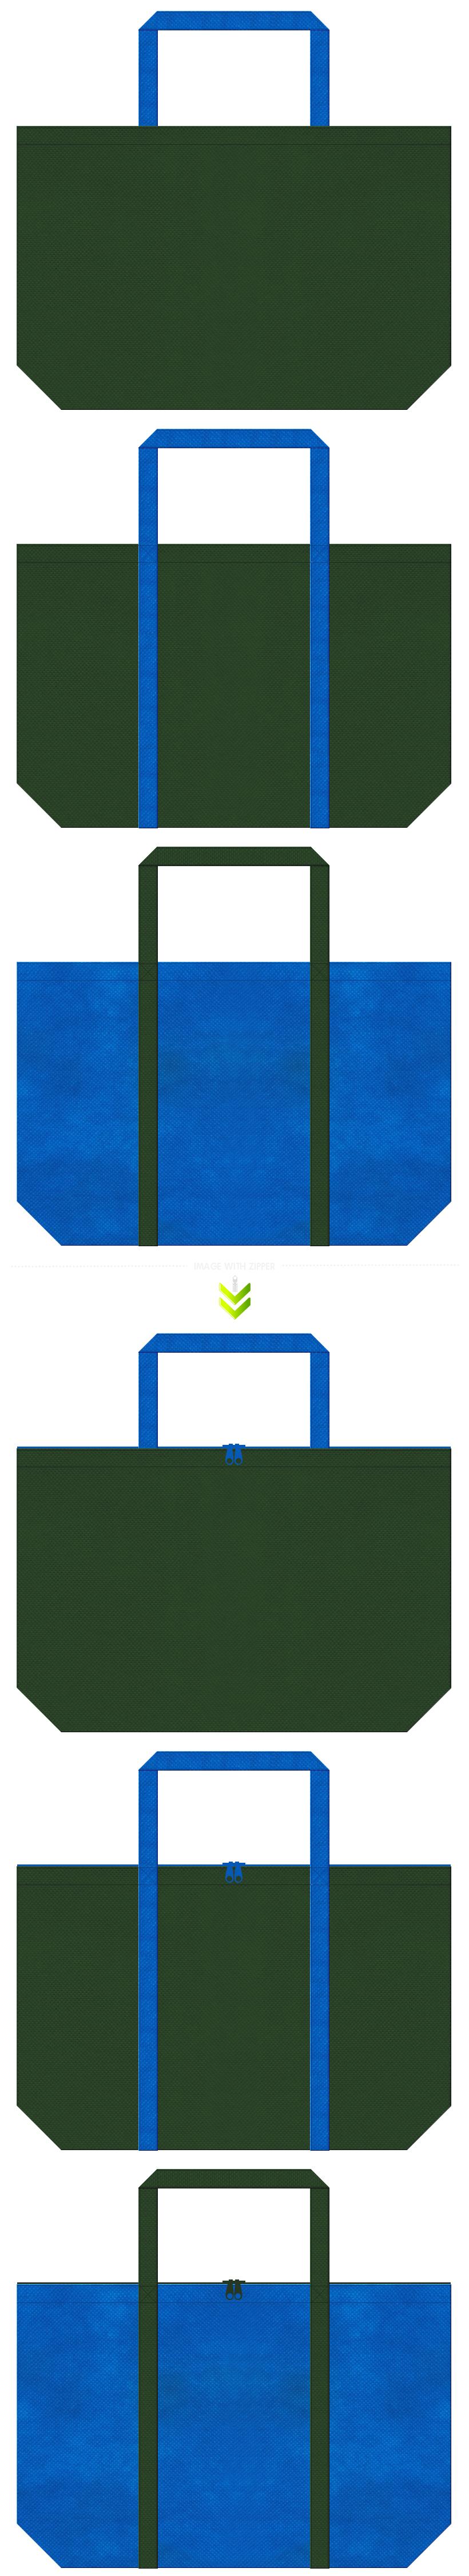 不織布トートバッグ 舟底タイプ 不織布カラーNo.27ダークグリーンとNo.22スカイブルーの組み合わせ